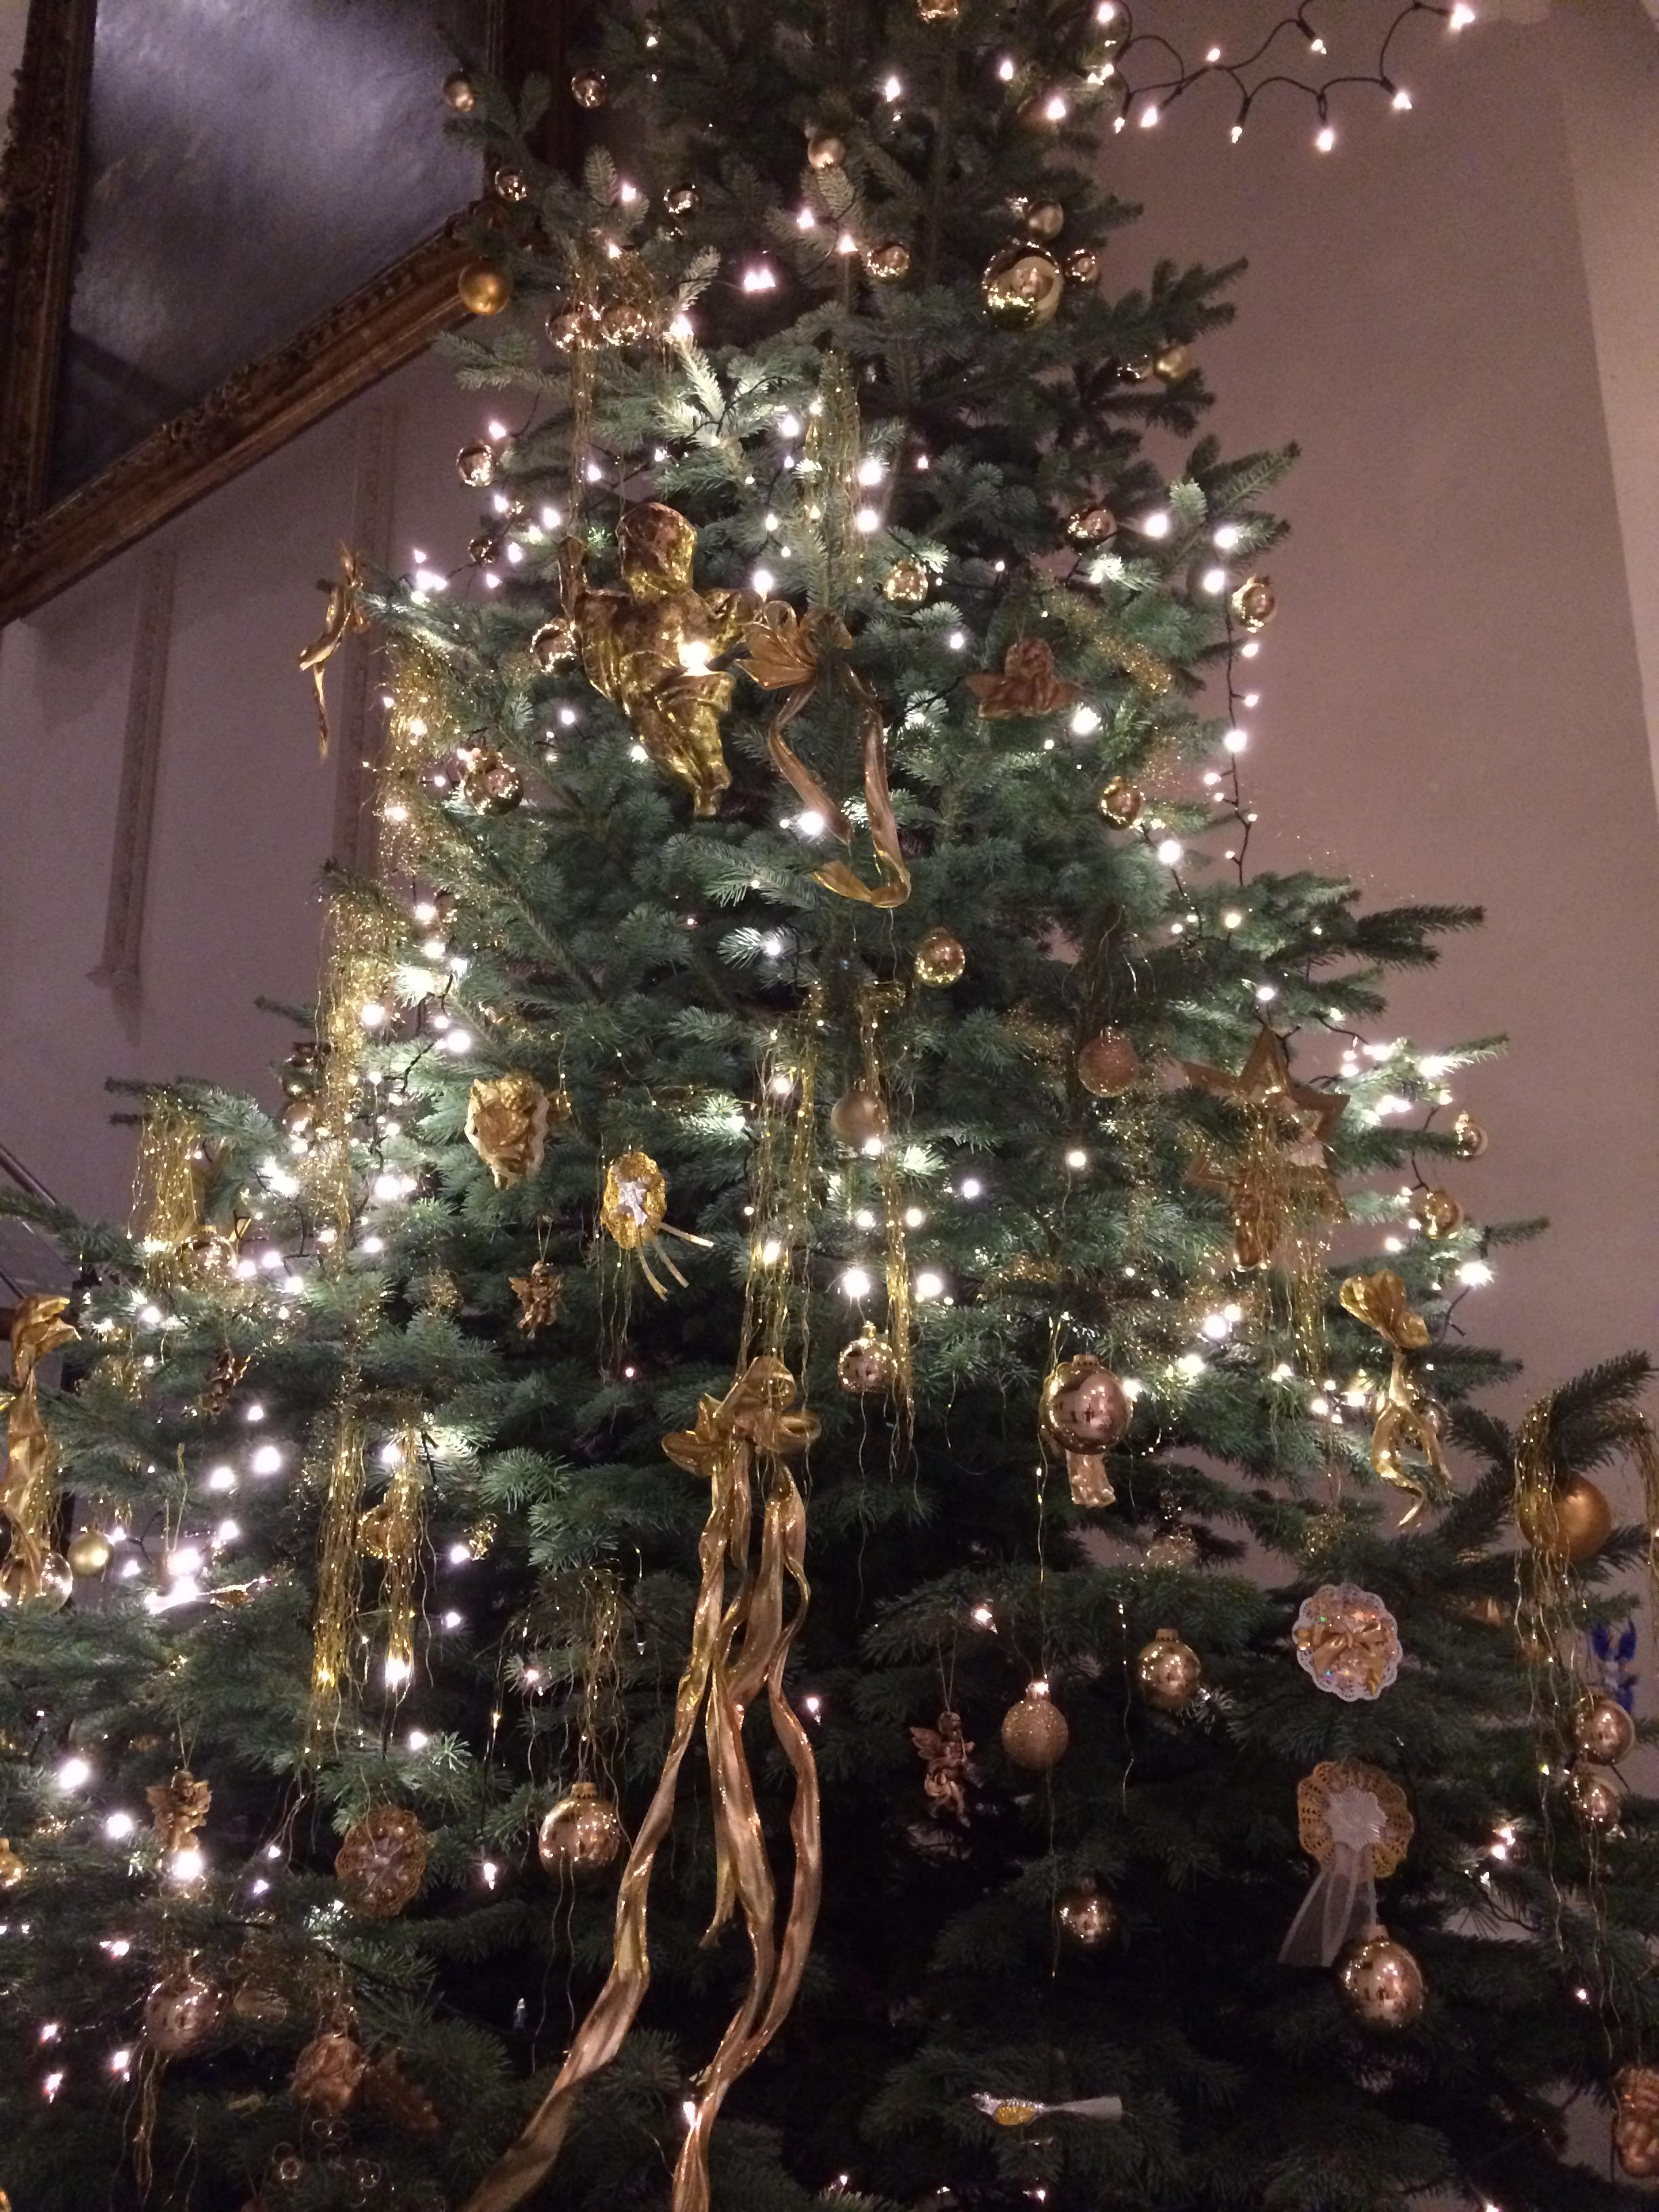 Weihnachtsbaum Engelshaar.Weihnachtsausstellung Wenn Engelshaar Und Rauschgold Locken